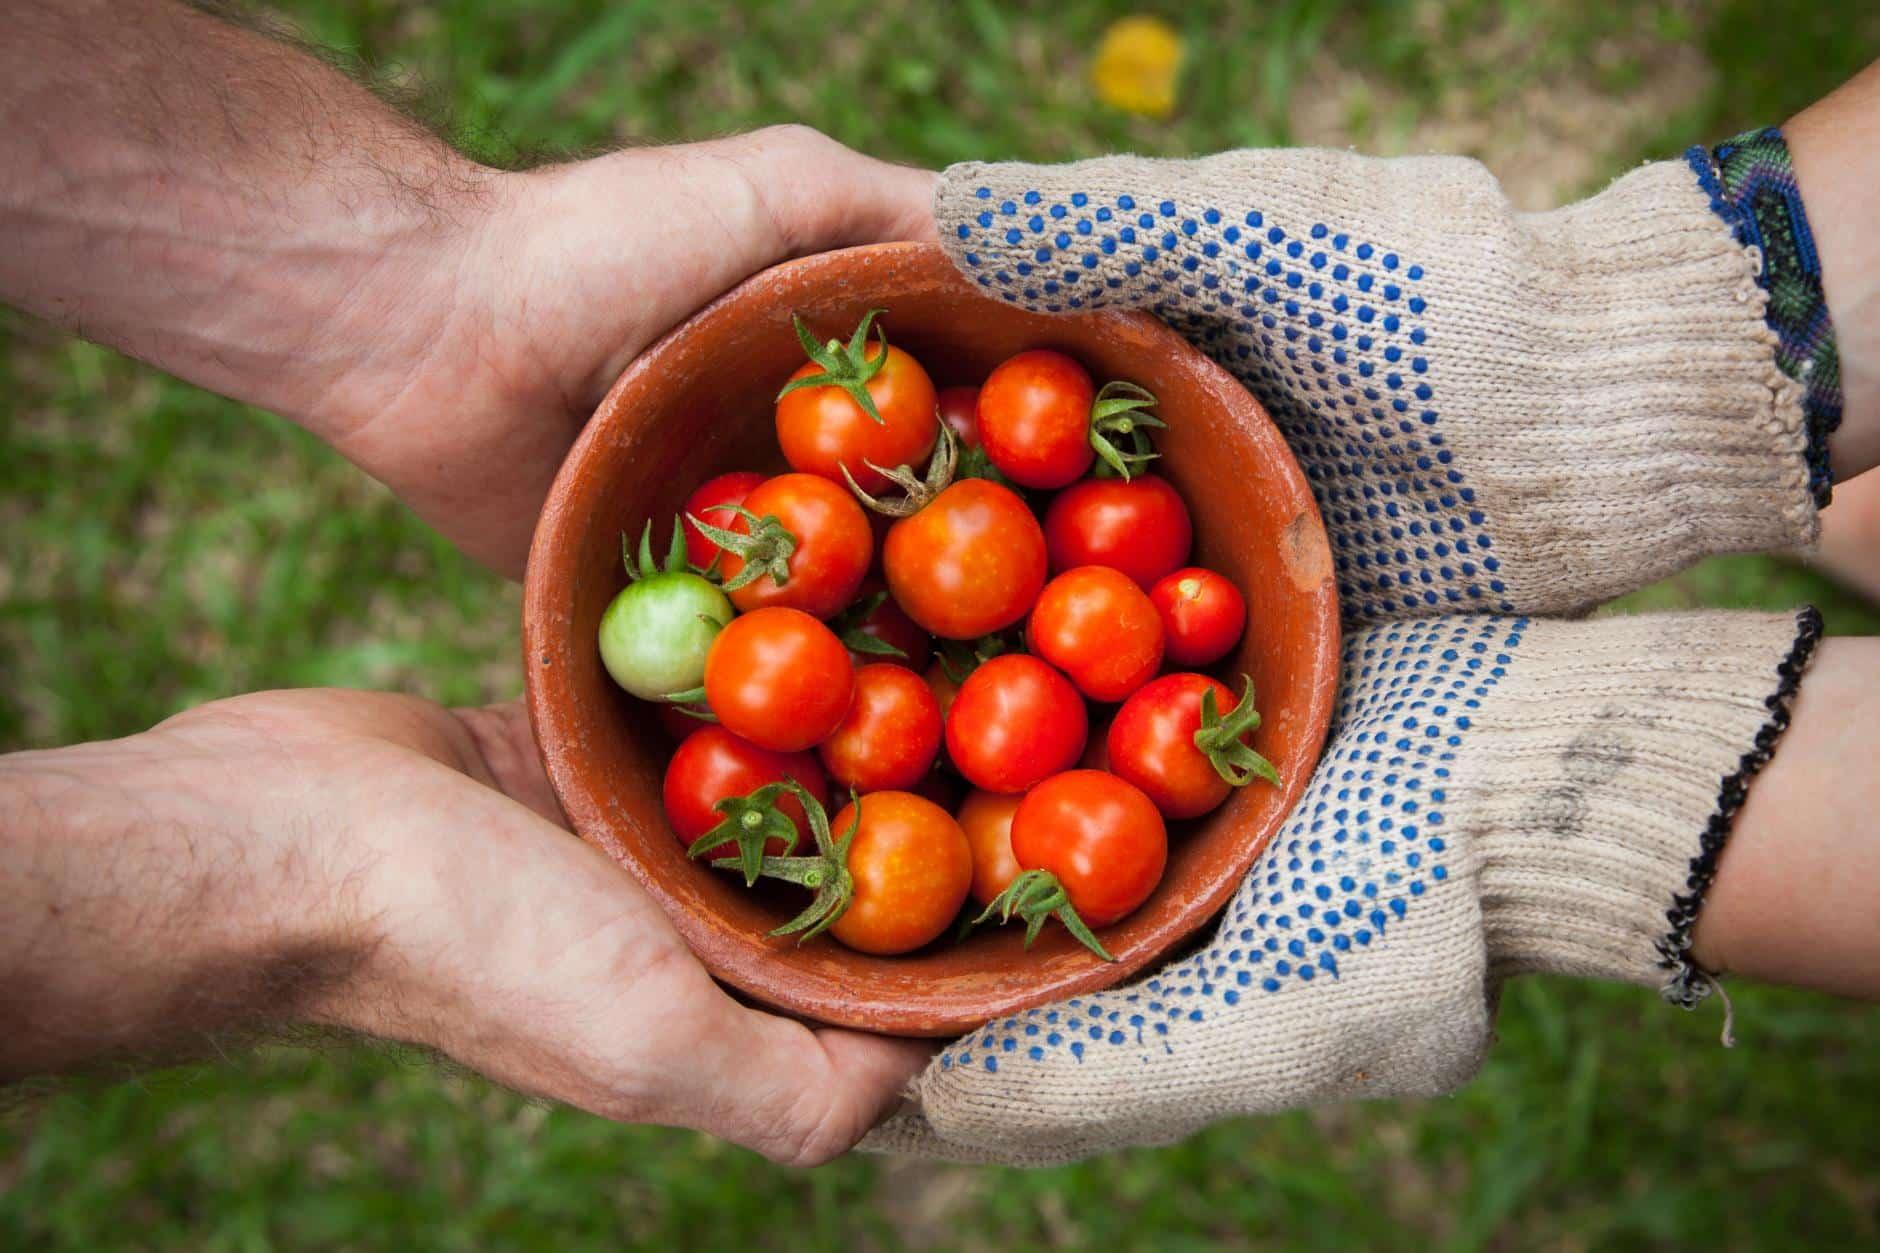 La Jardinería puede ayudar con la Depresión